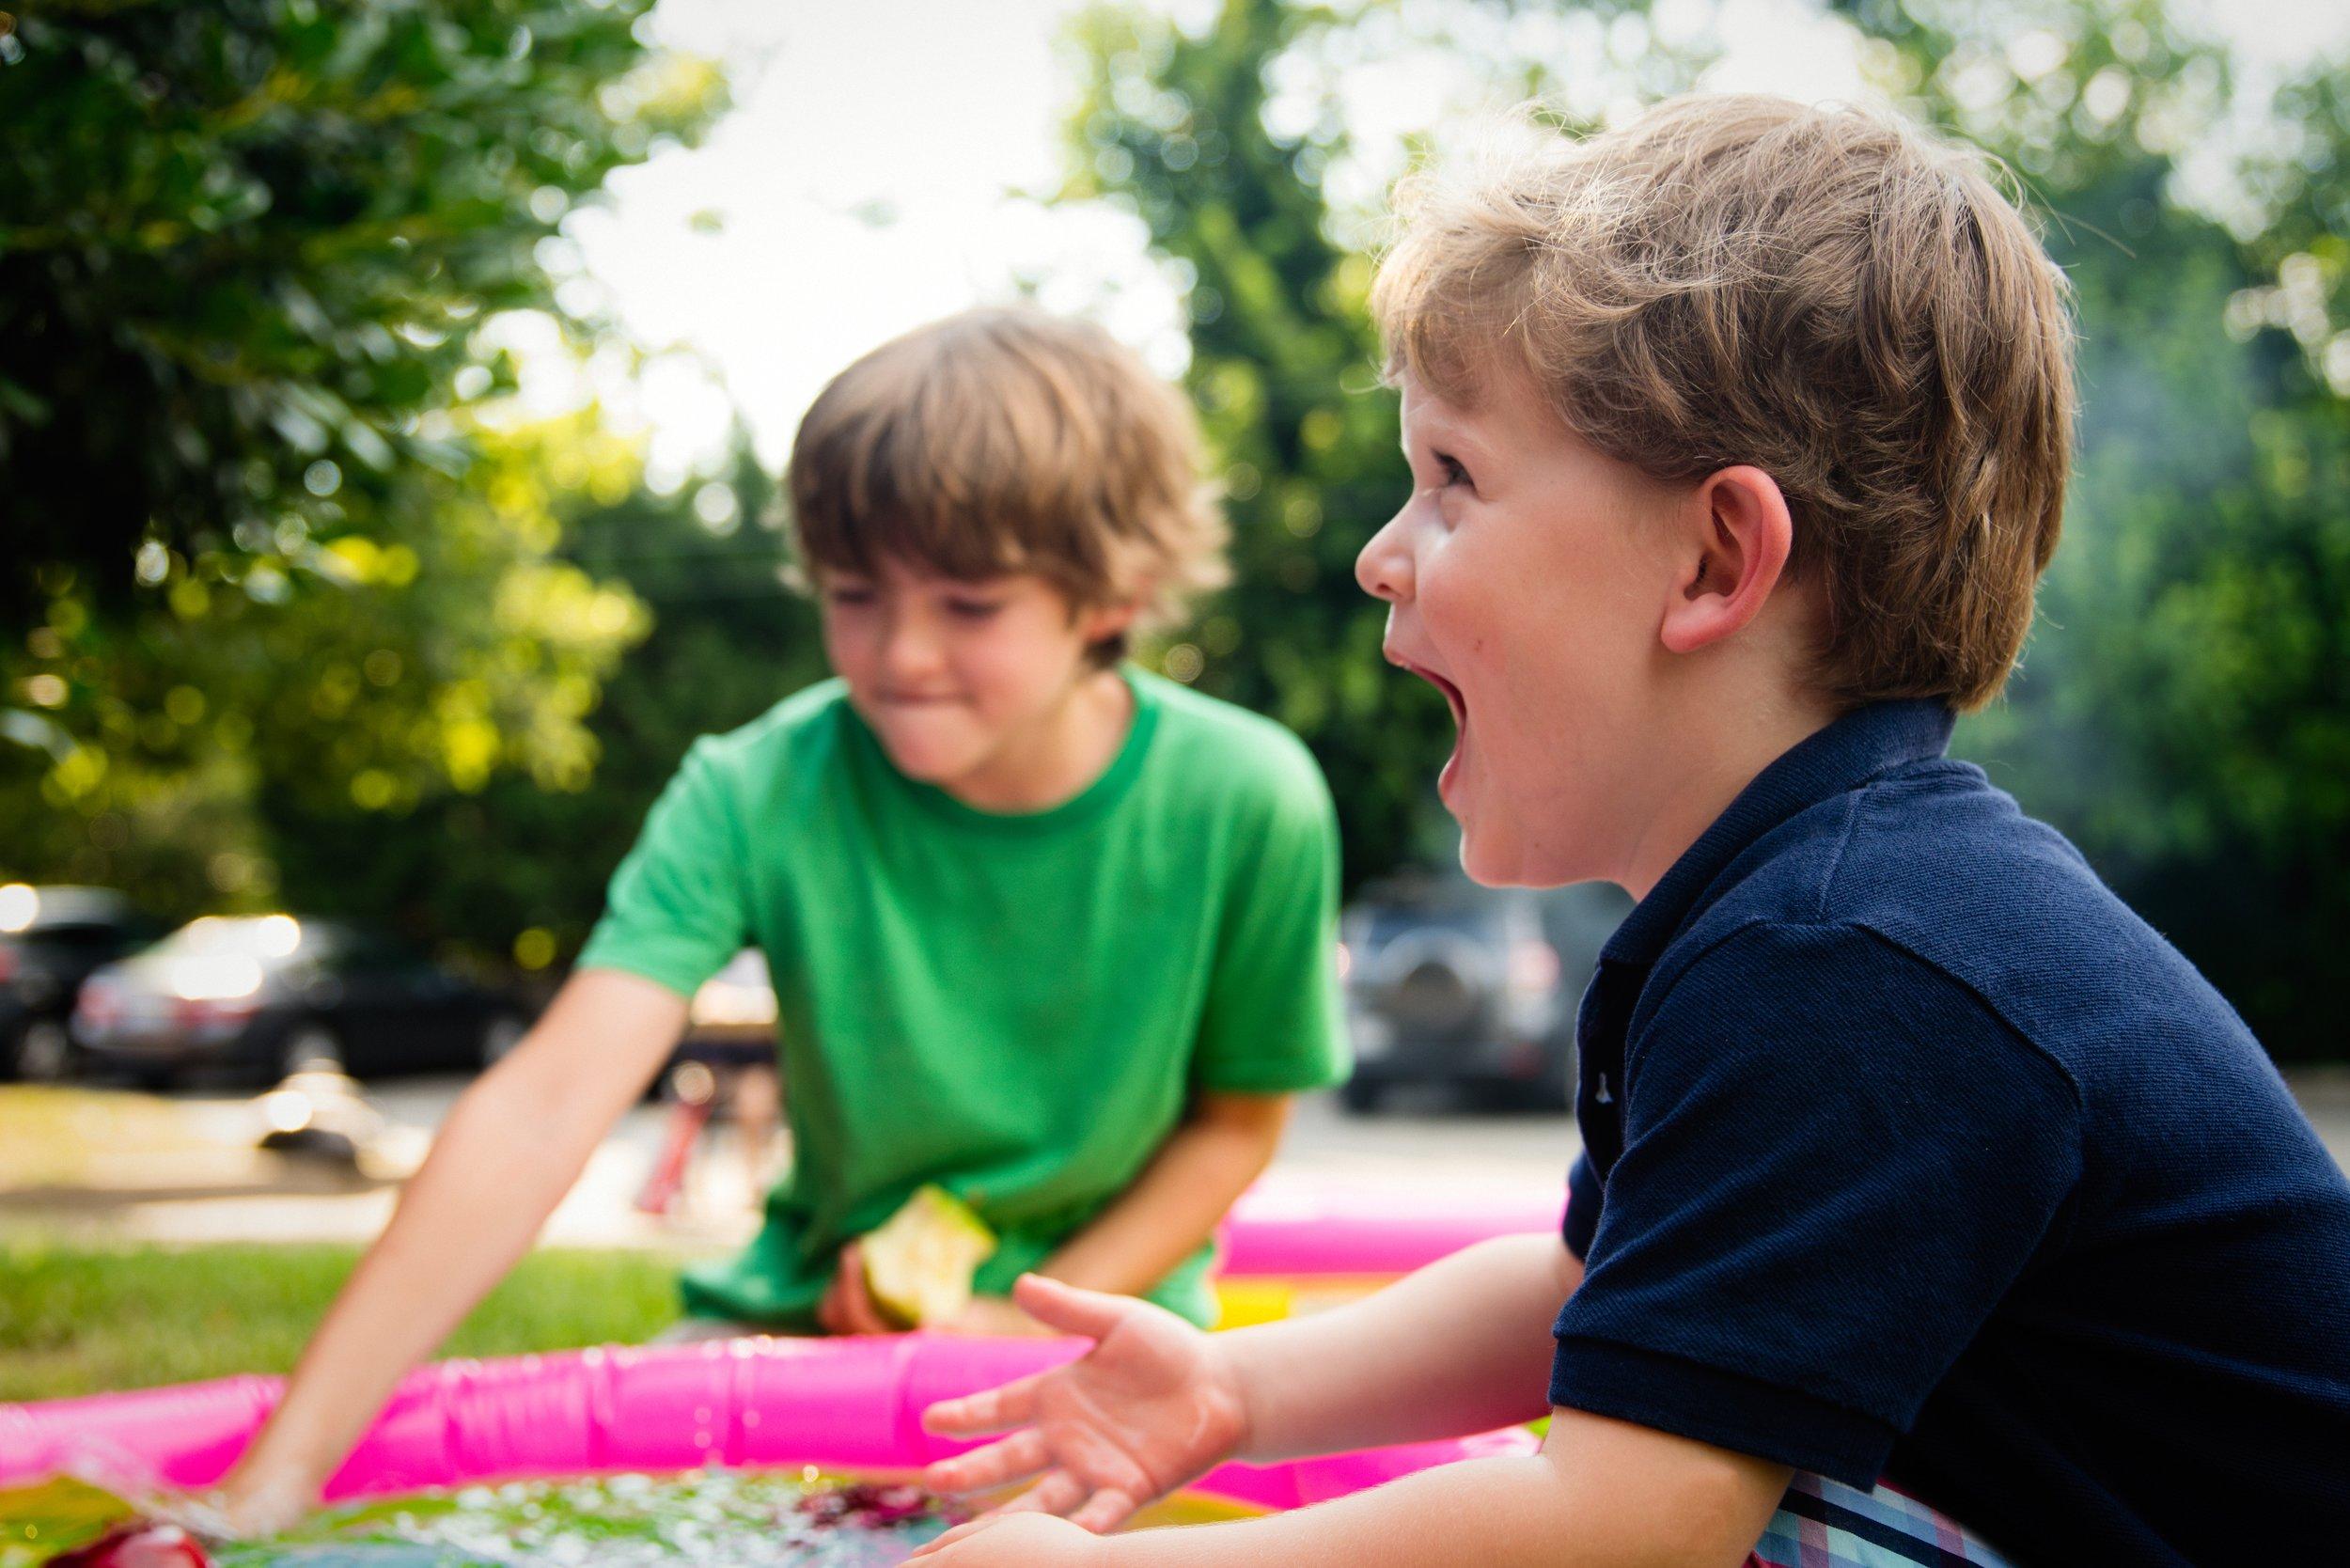 children boys laughing outside